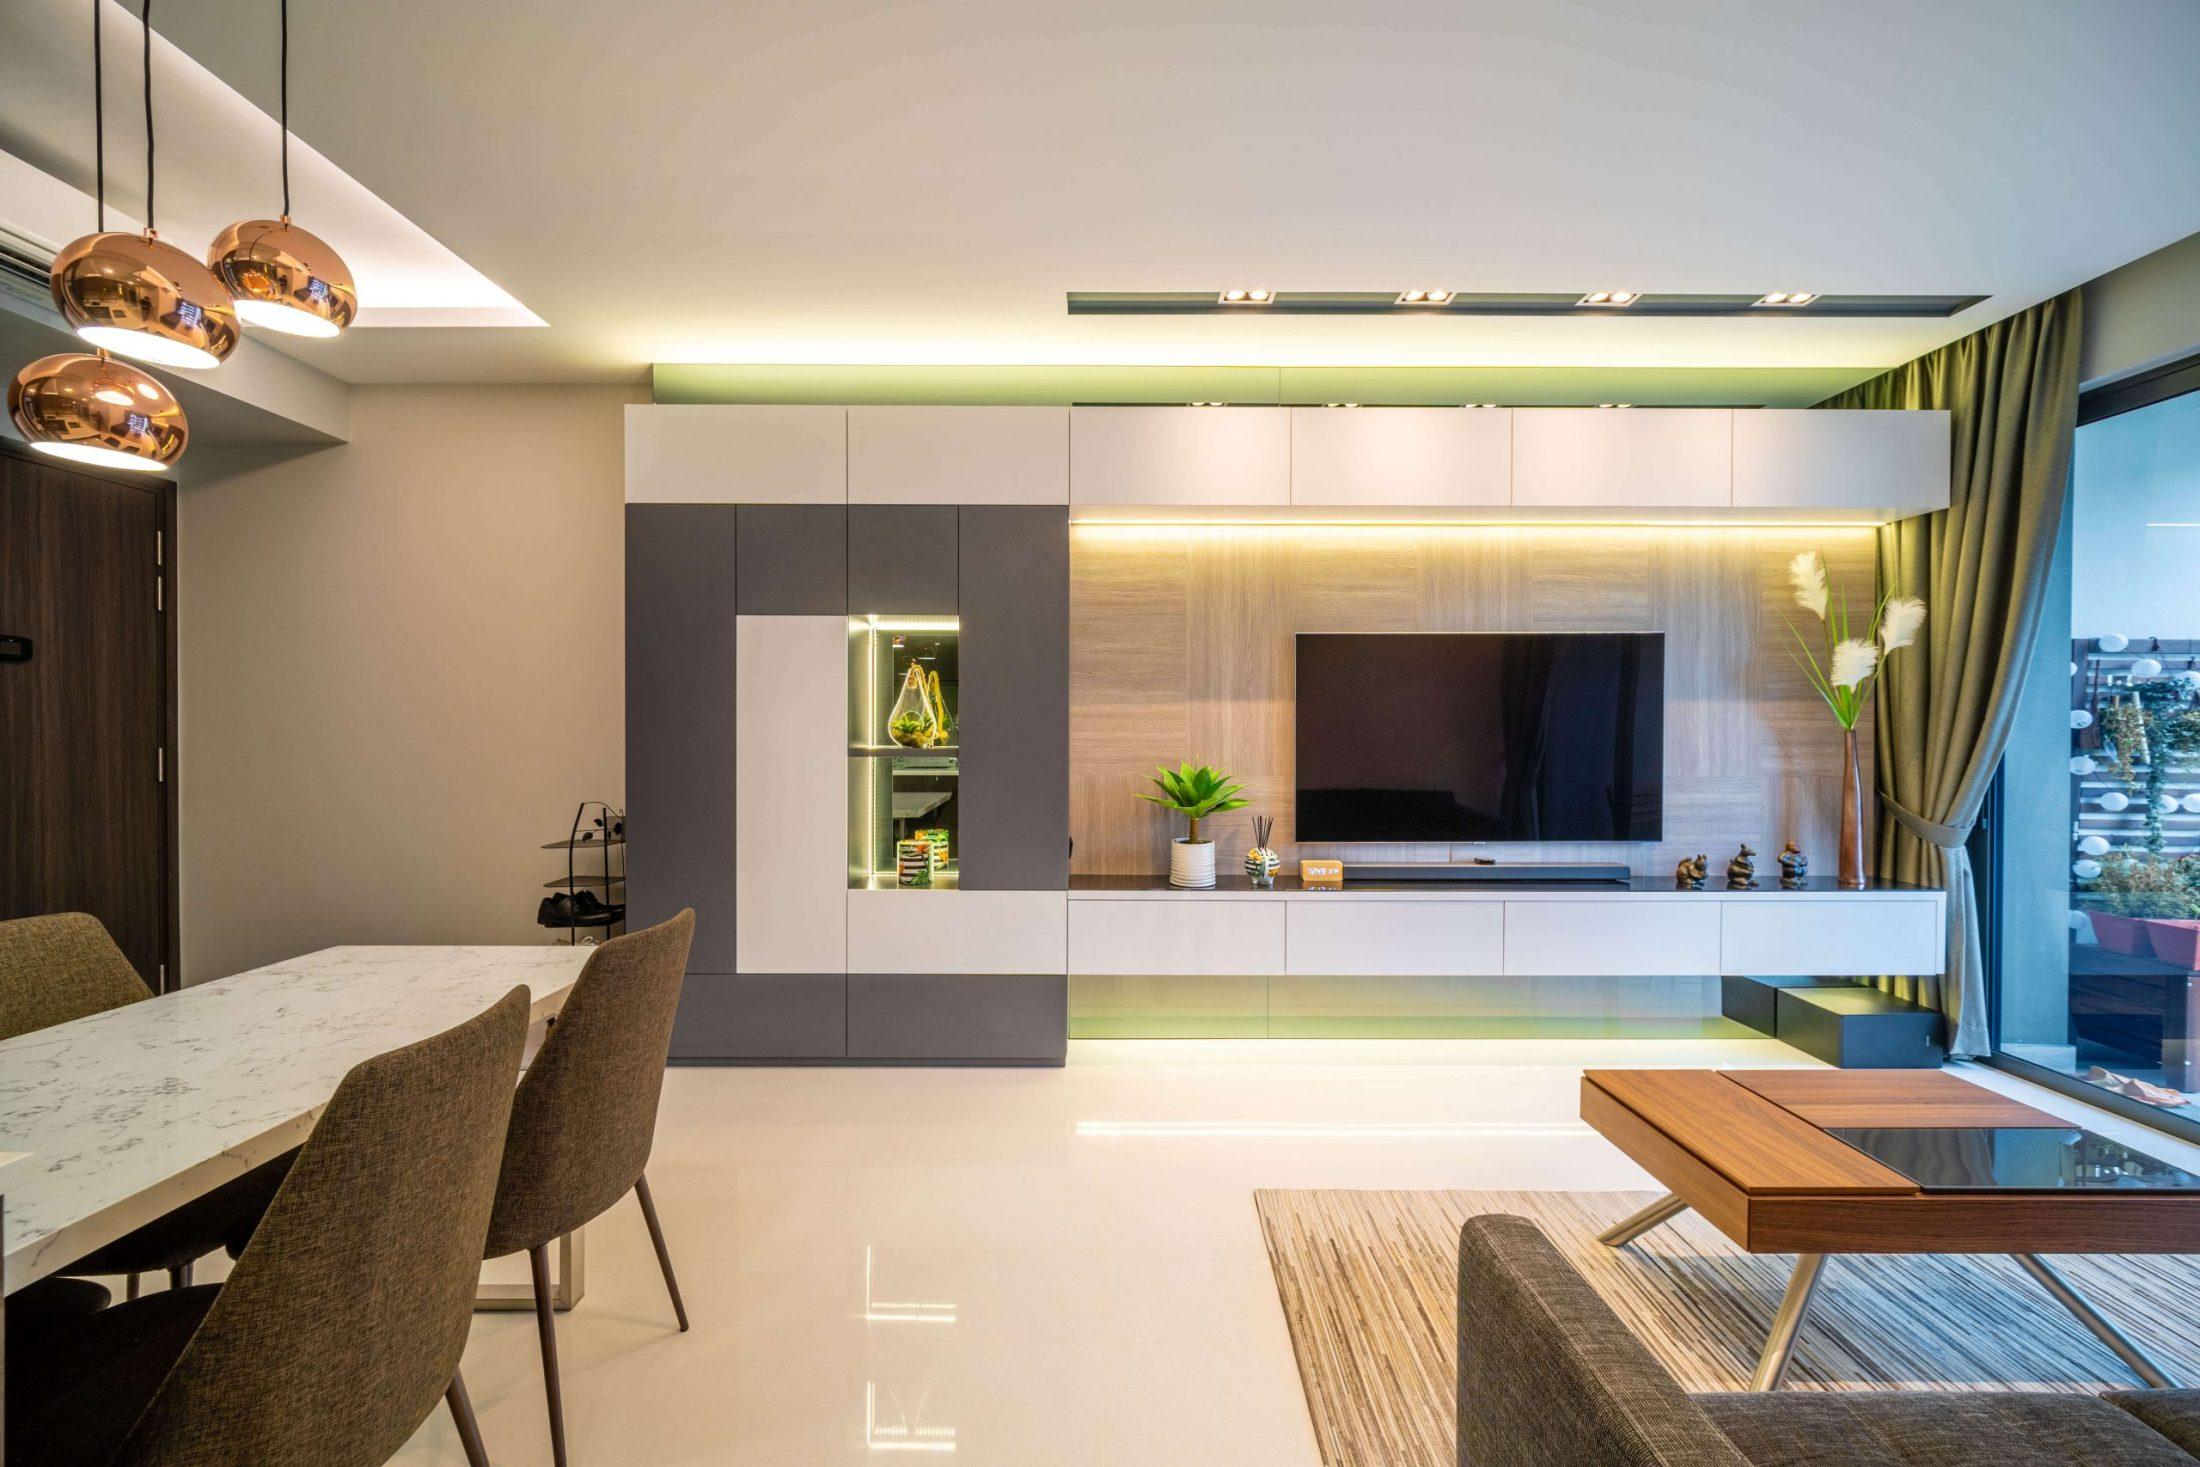 Top 9 Singapore Interior Design Trends in 2021